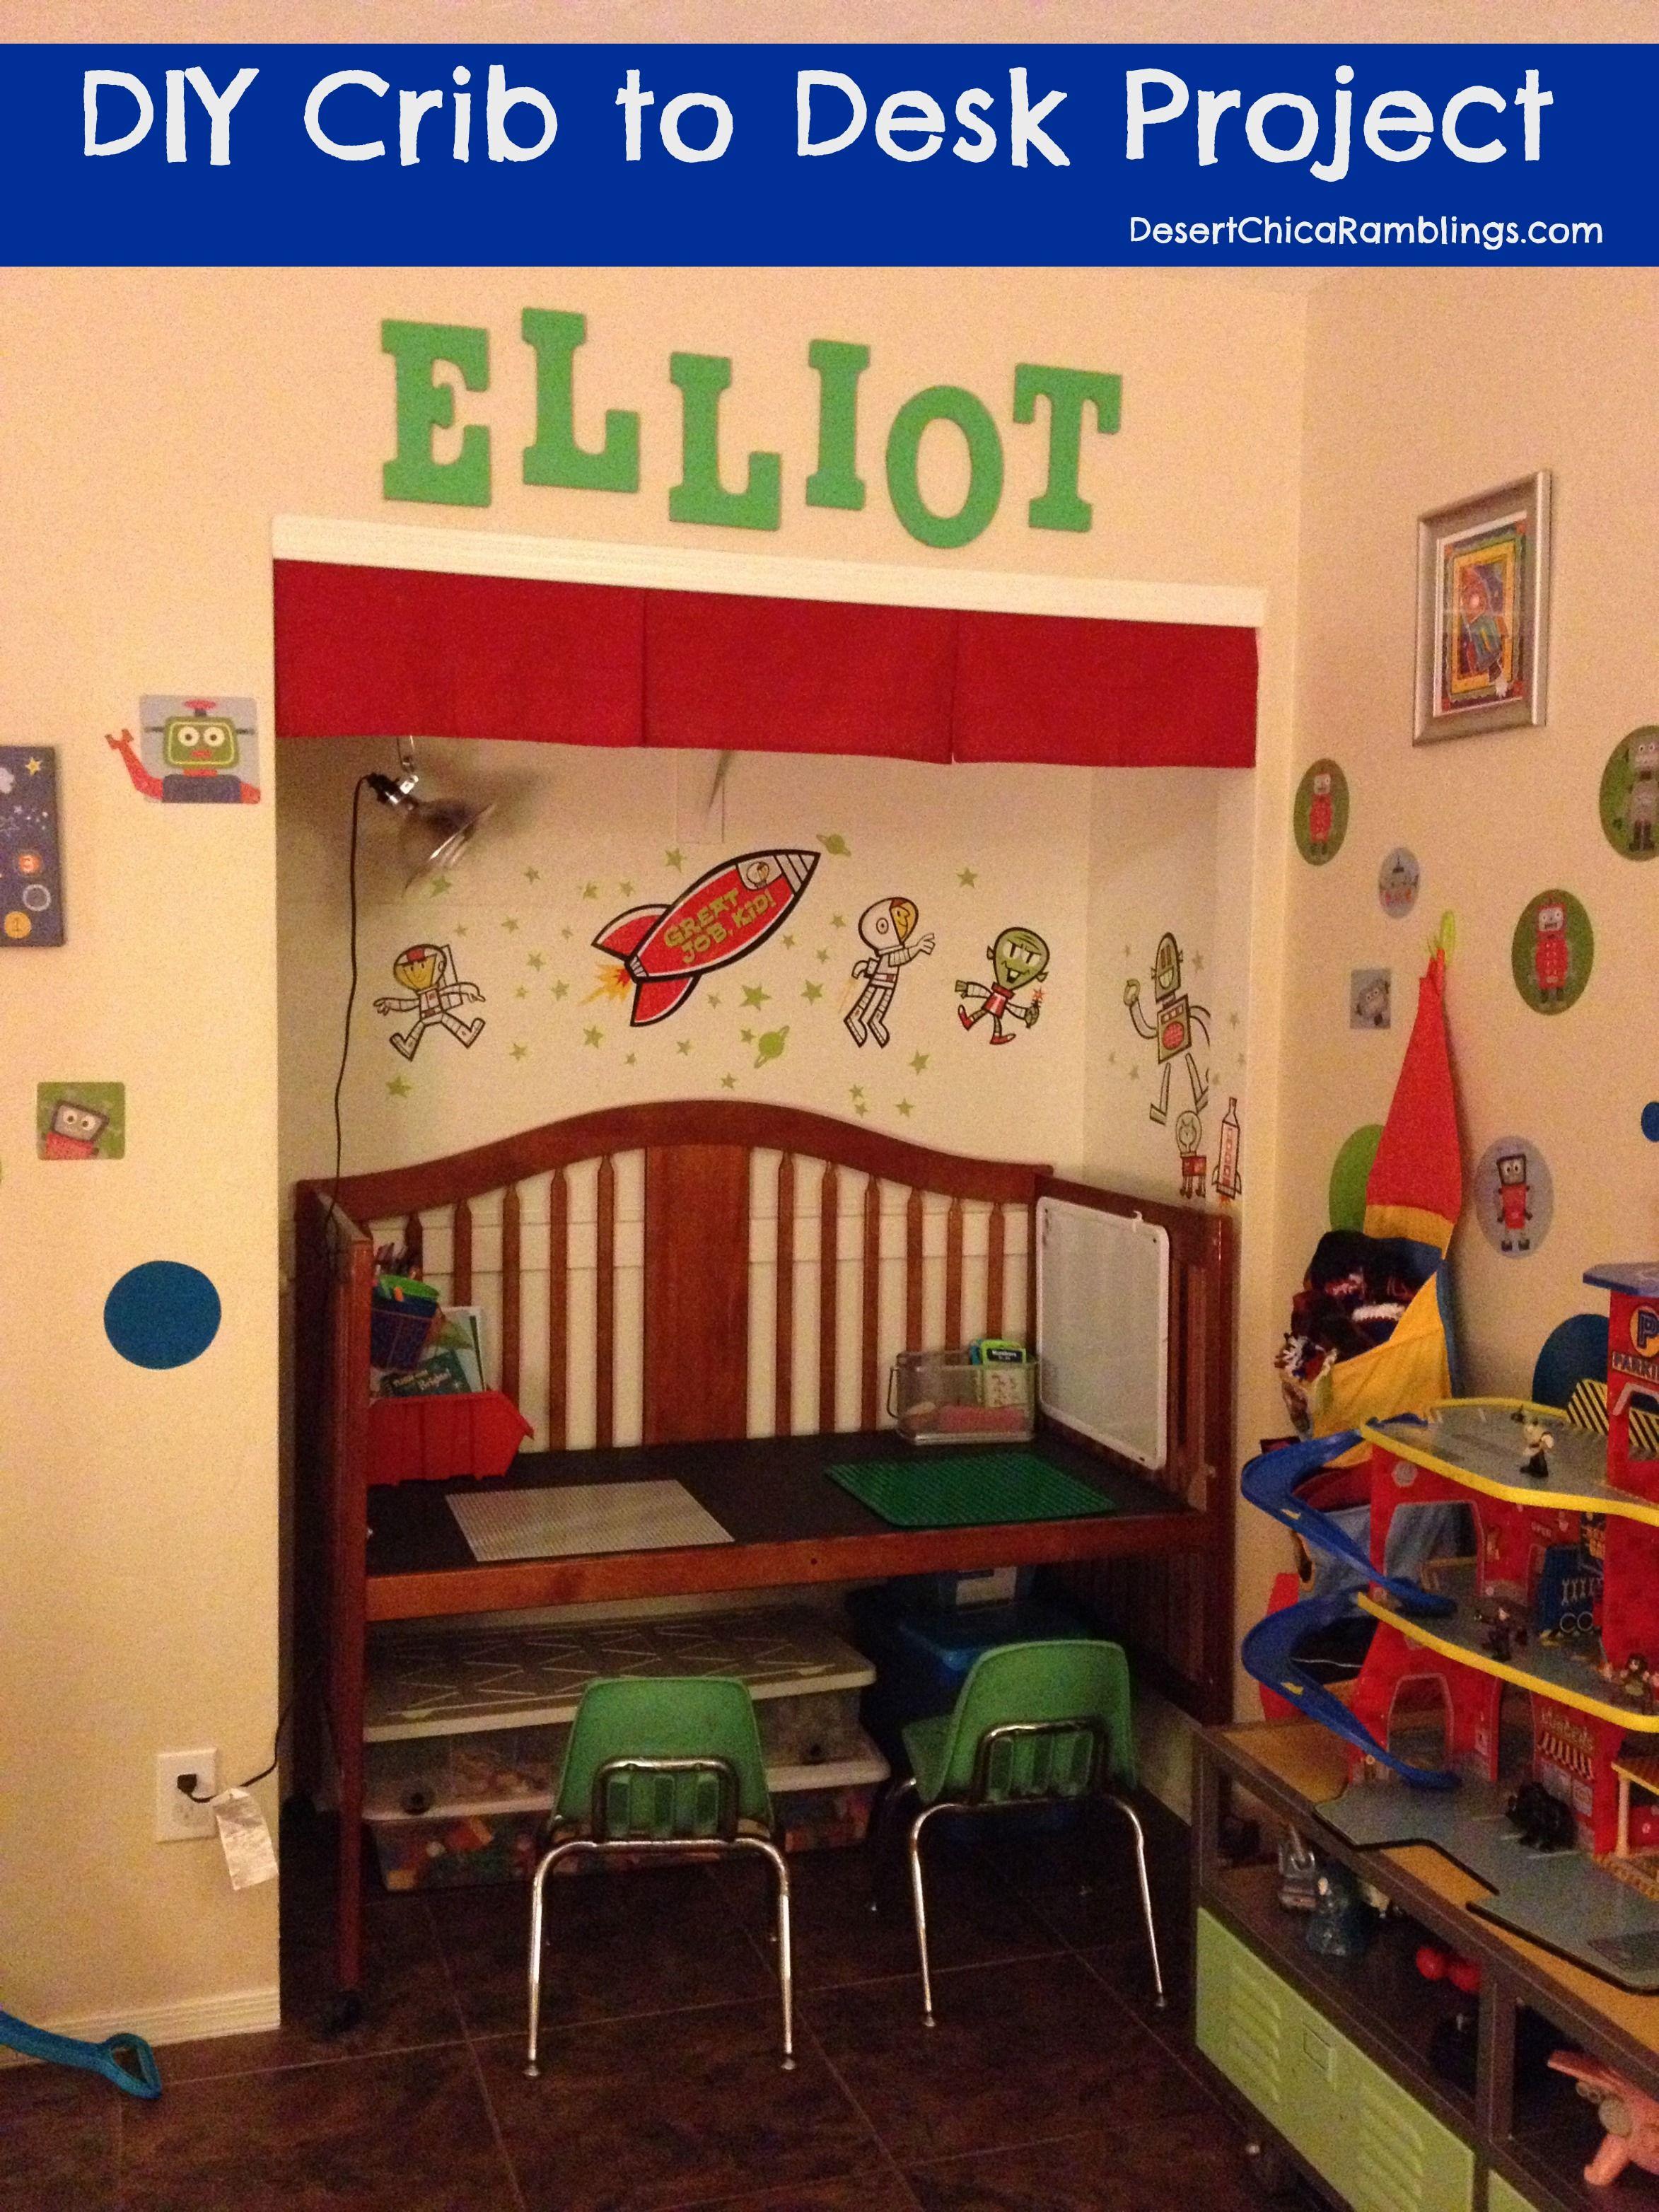 Convert Crib Into Desk Diy Cribs Old